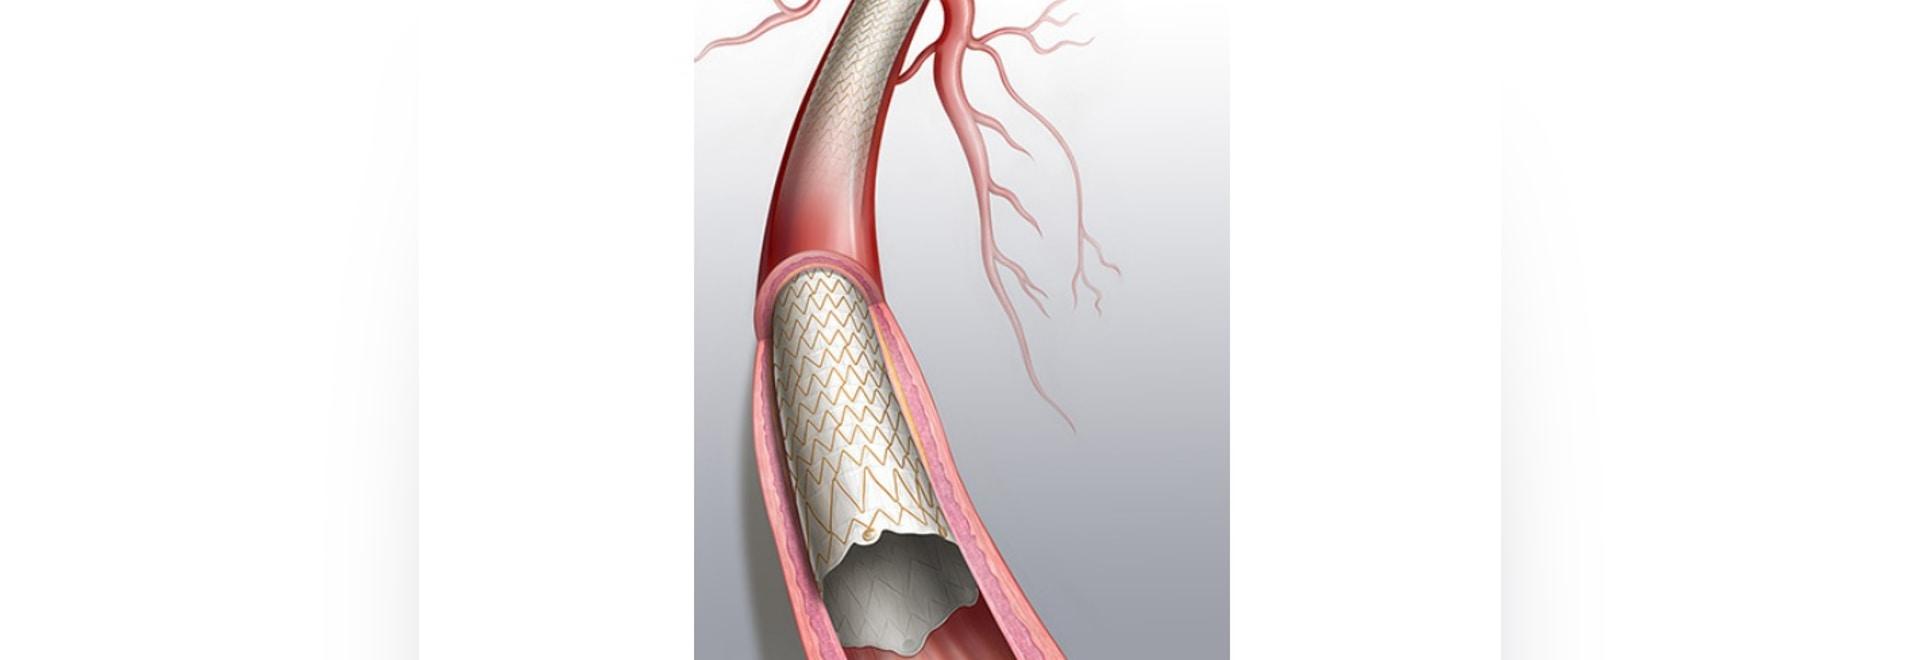 Approbation par la FDA avant la mise sur le marché de l'endoprothèse couverte Covera pour les patients atteints d'insuffisance rénale terminale en hémodialyse